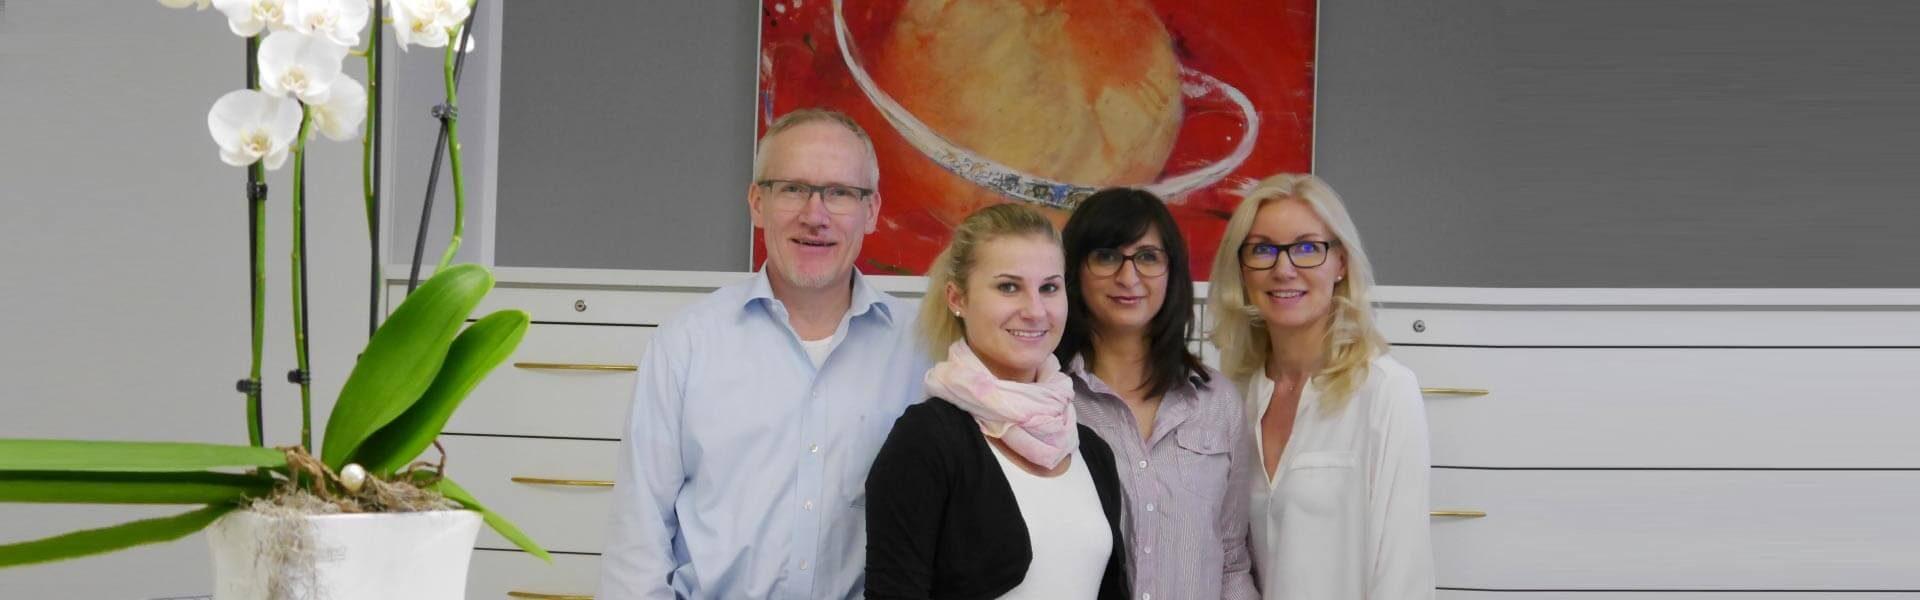 Orthopäde Stuttgart – Dr. med. Clasbrummel